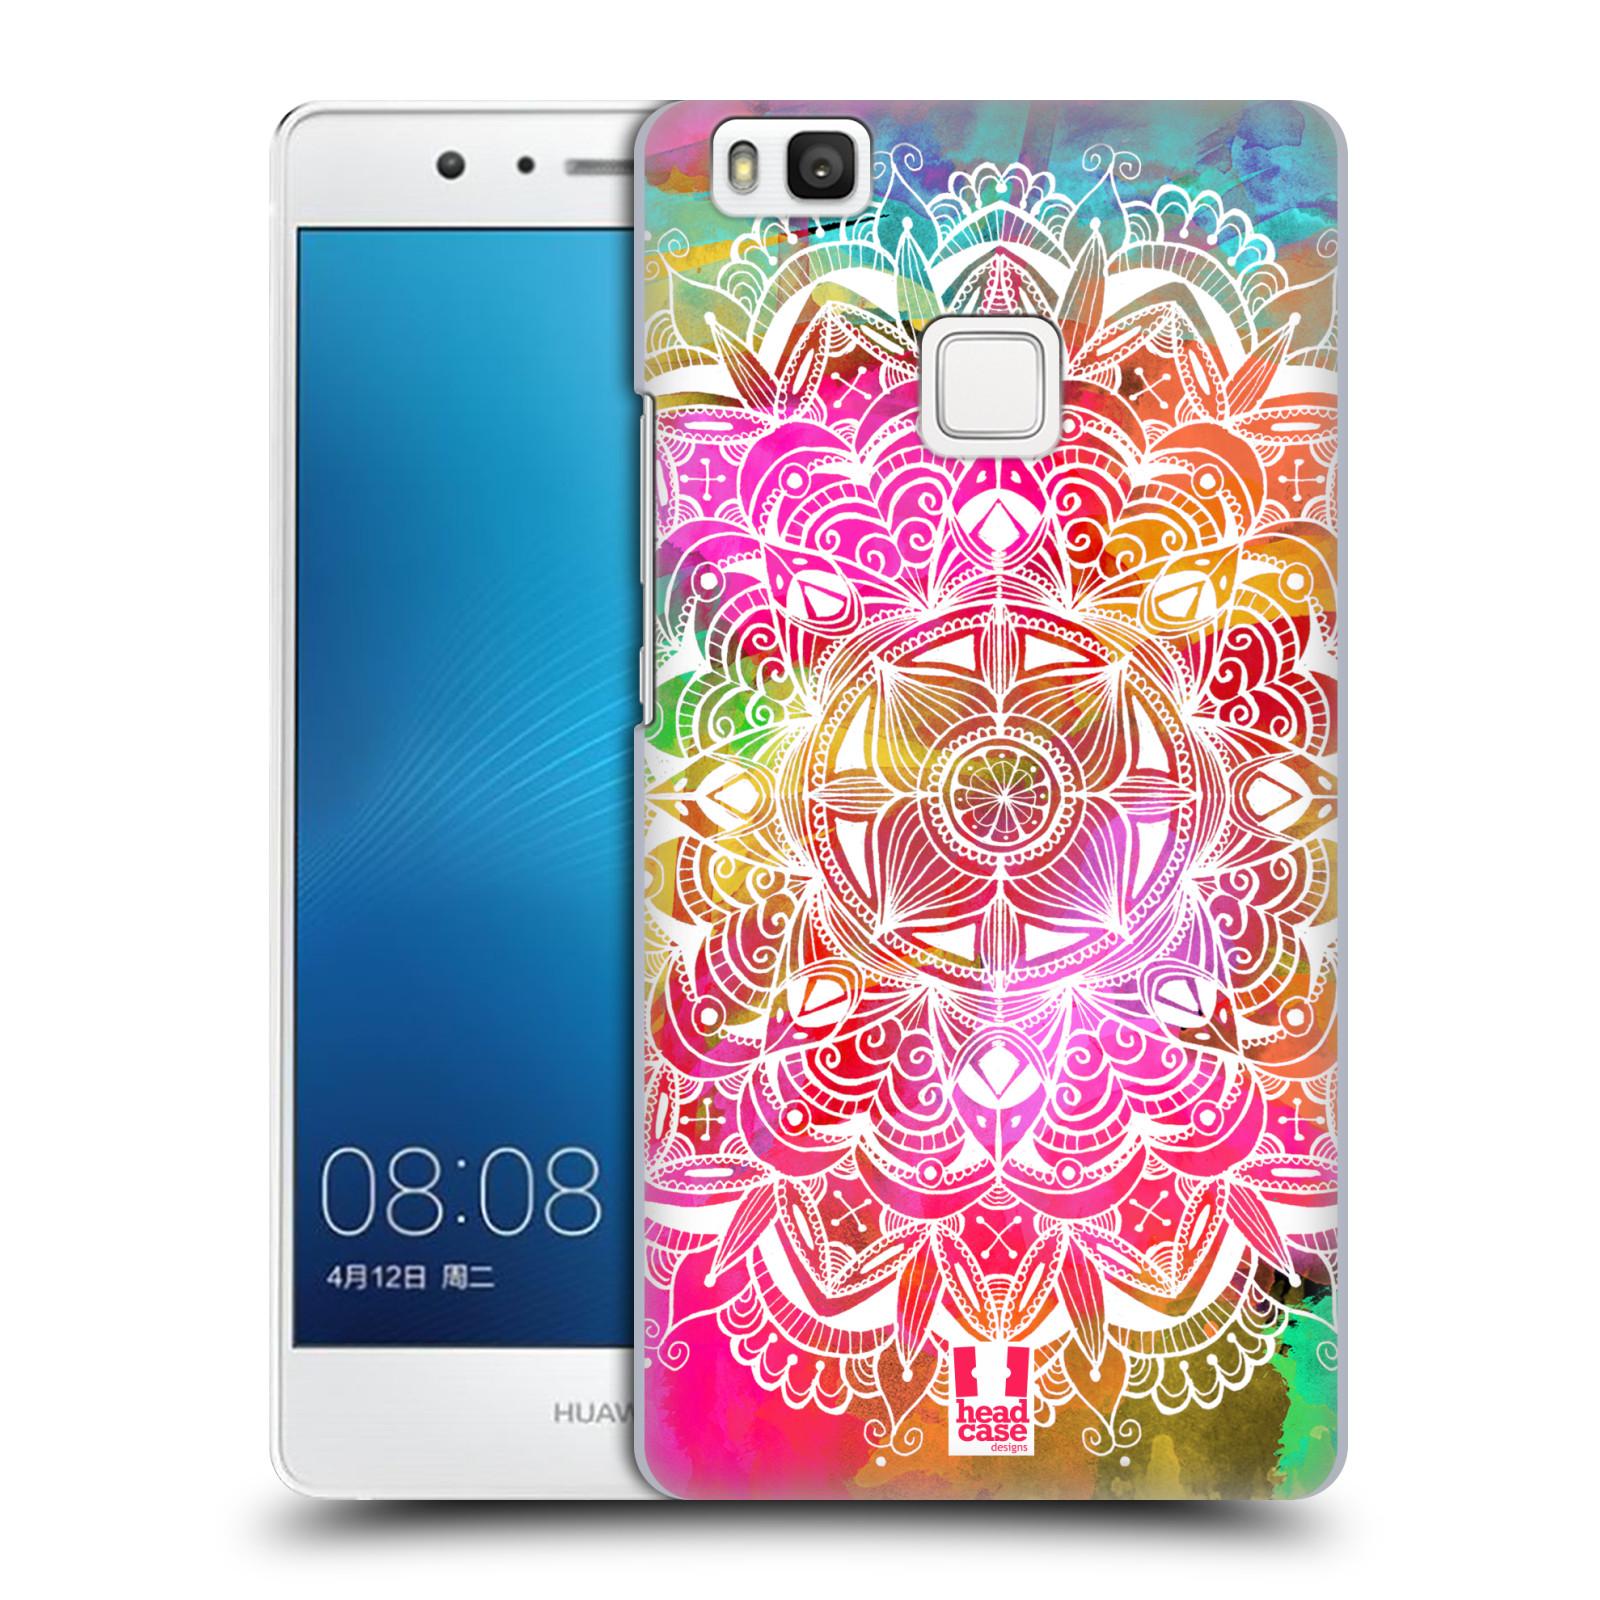 HEAD CASE plastový obal na mobil Huawei P9 LITE   P9 LITE DUAL SIM vzor  Indie Mandala slunce barevná DUHA 9b4dbf6eb0f